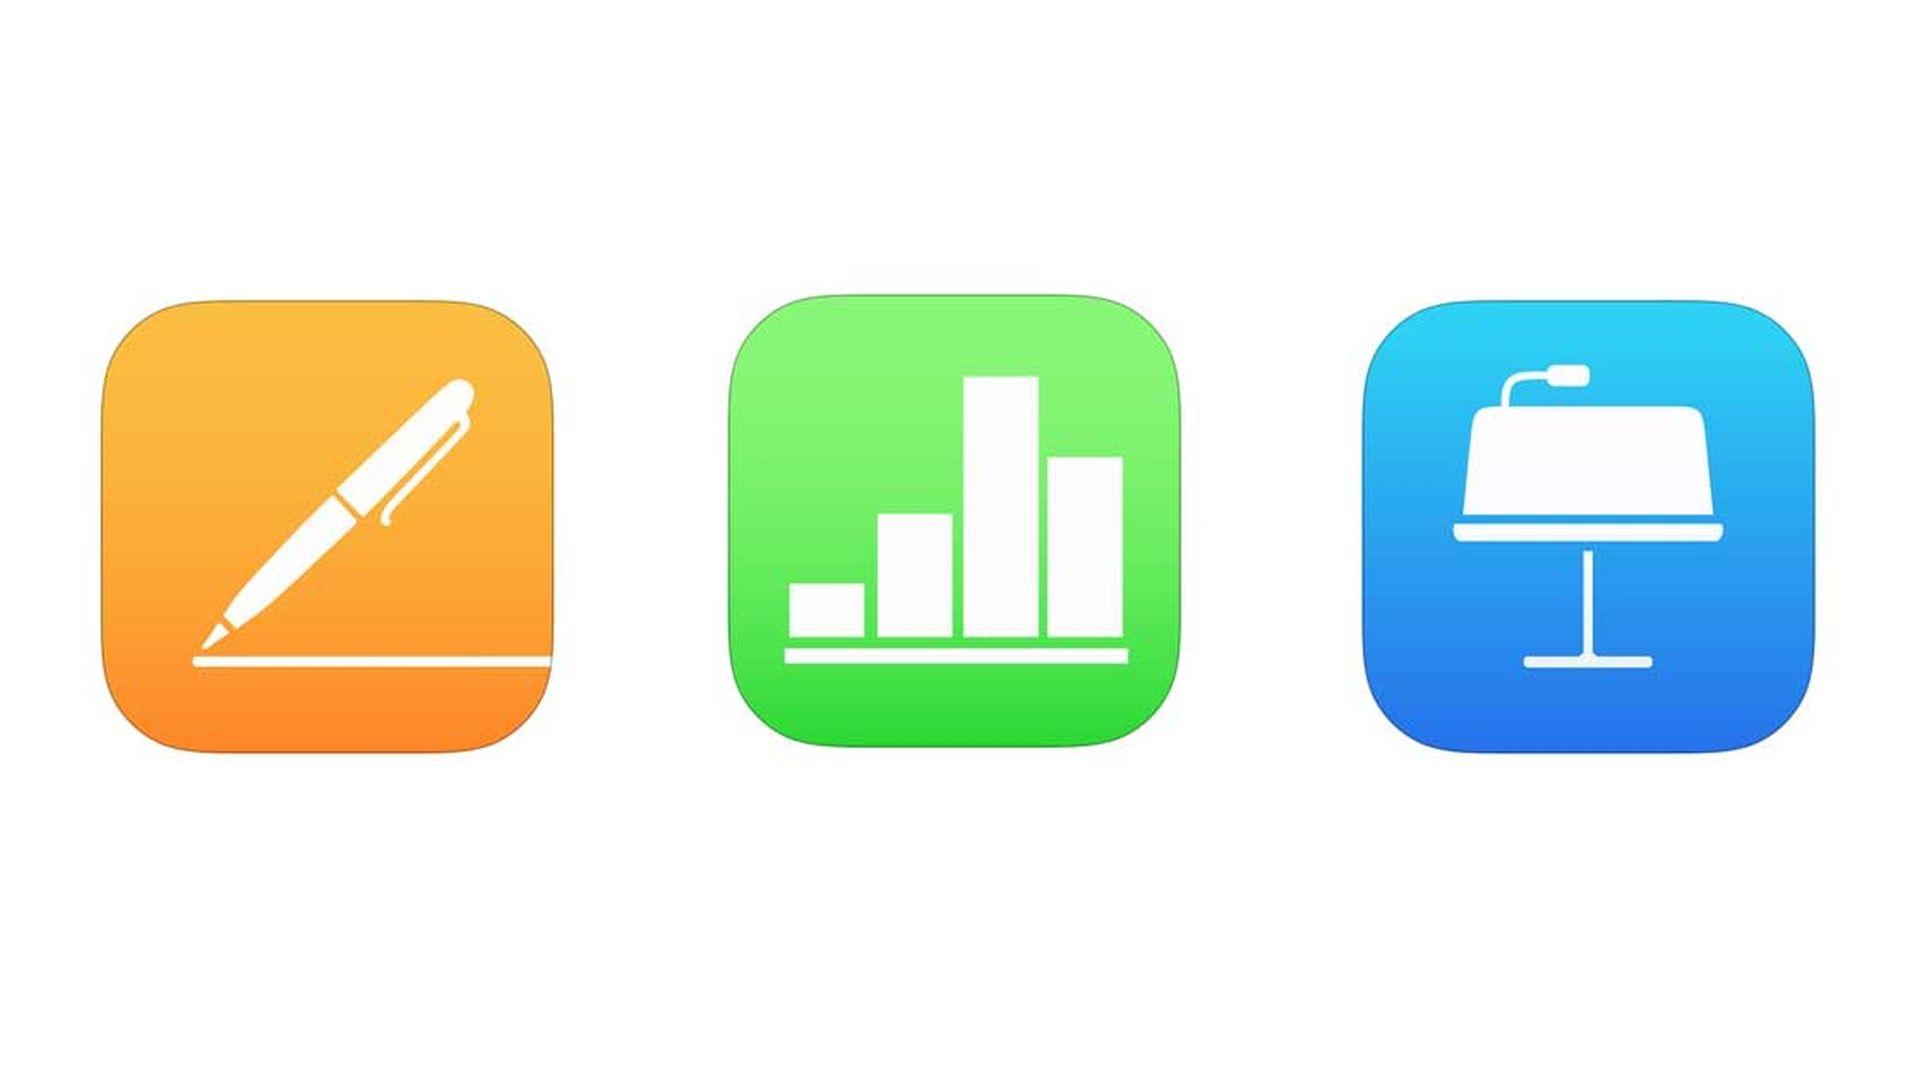 Dostępna nowa aktualizacja pakietu iWork dla systemu macOS